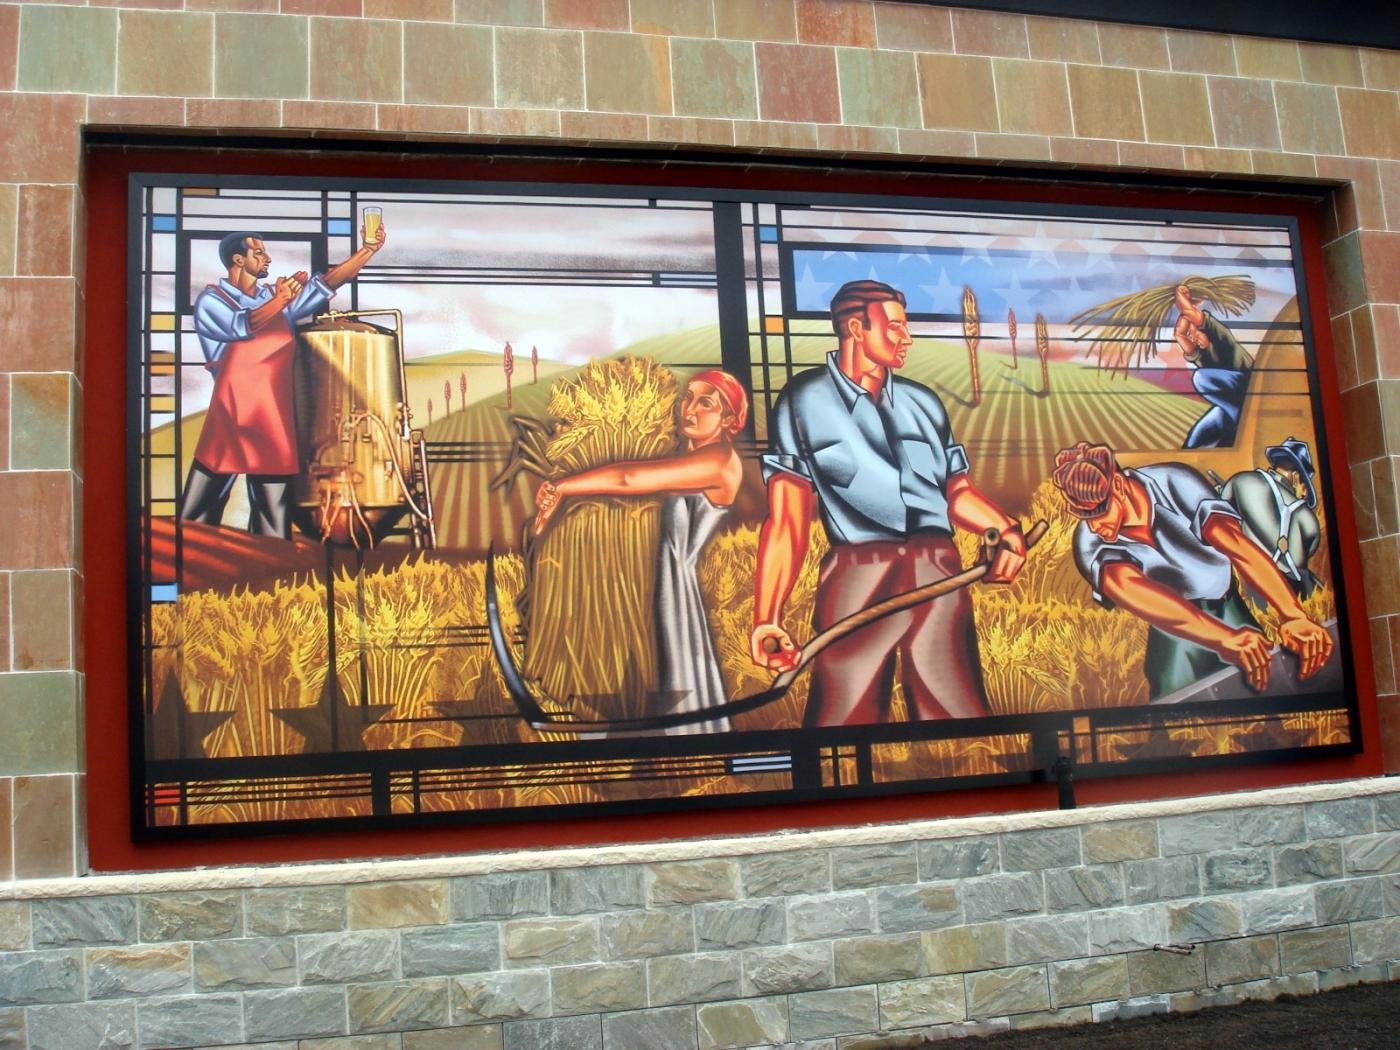 美国小镇街边壁画(图)_图1-2